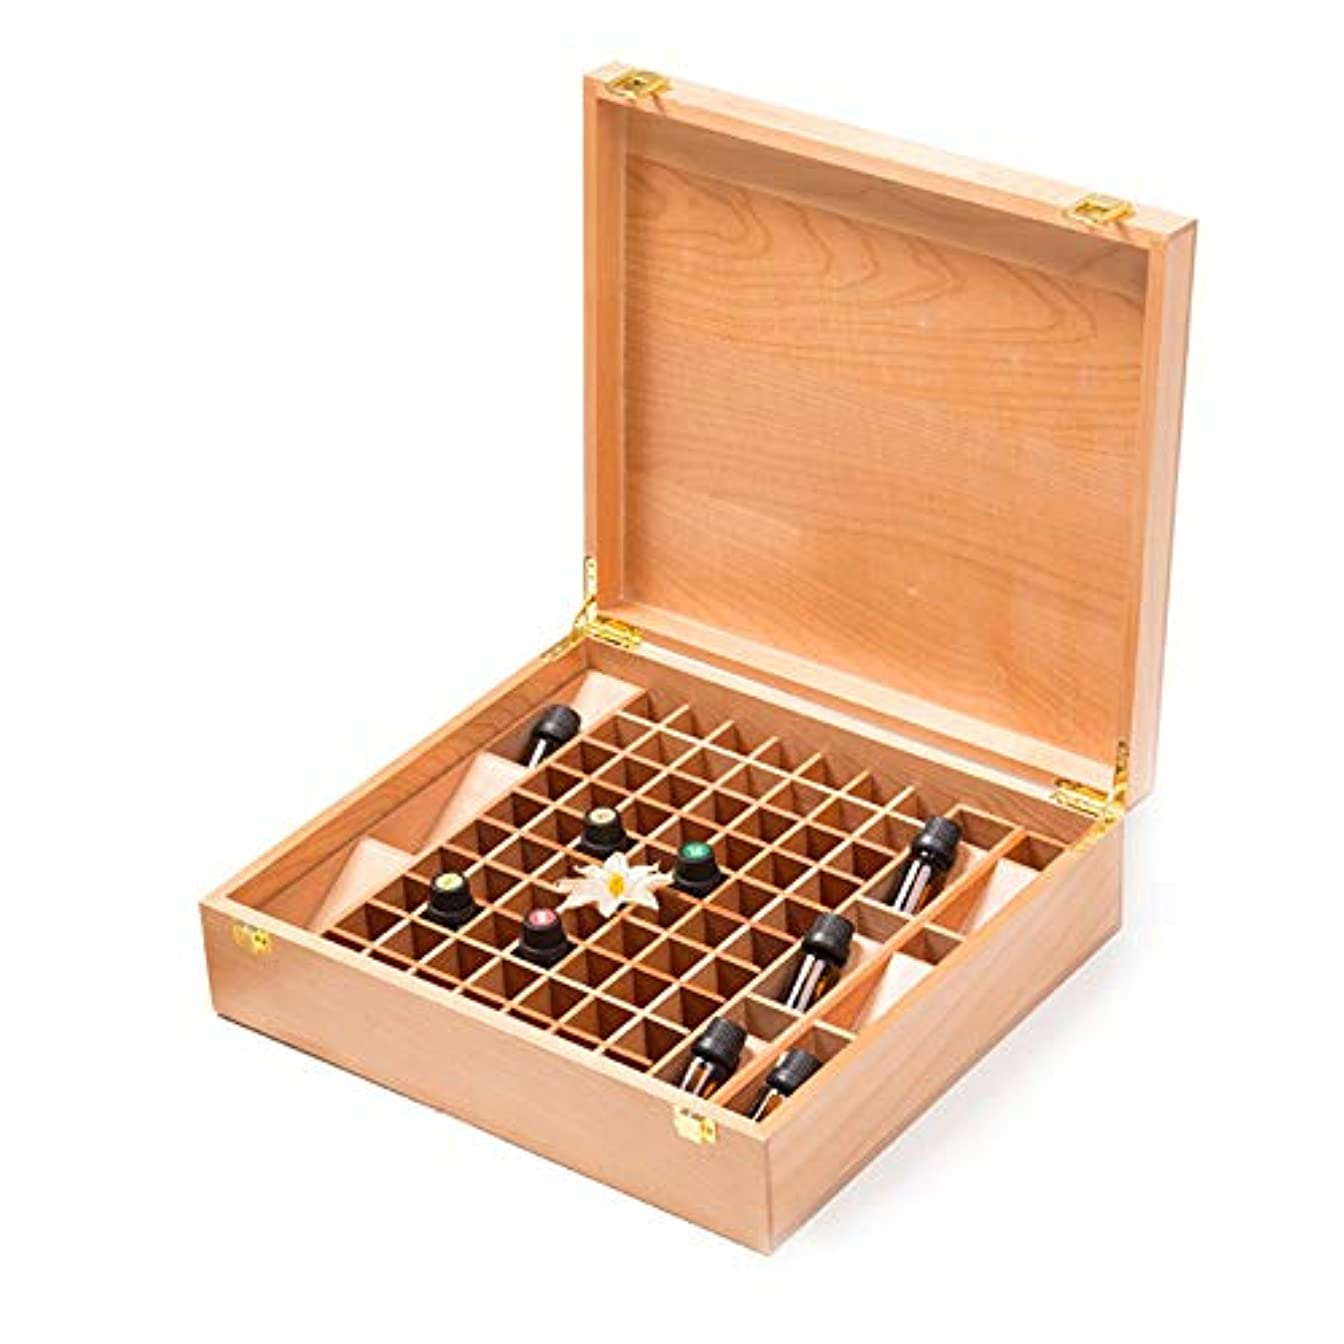 わざわざナイロン落ち着いてエッセンシャルオイルストレージボックス 手作りの木製エッセンシャルオイルストレージボックスパーフェクトエッセンシャルオイルのケースは、70本の油のボトルを保持します 旅行およびプレゼンテーション用 (色 : Natural...